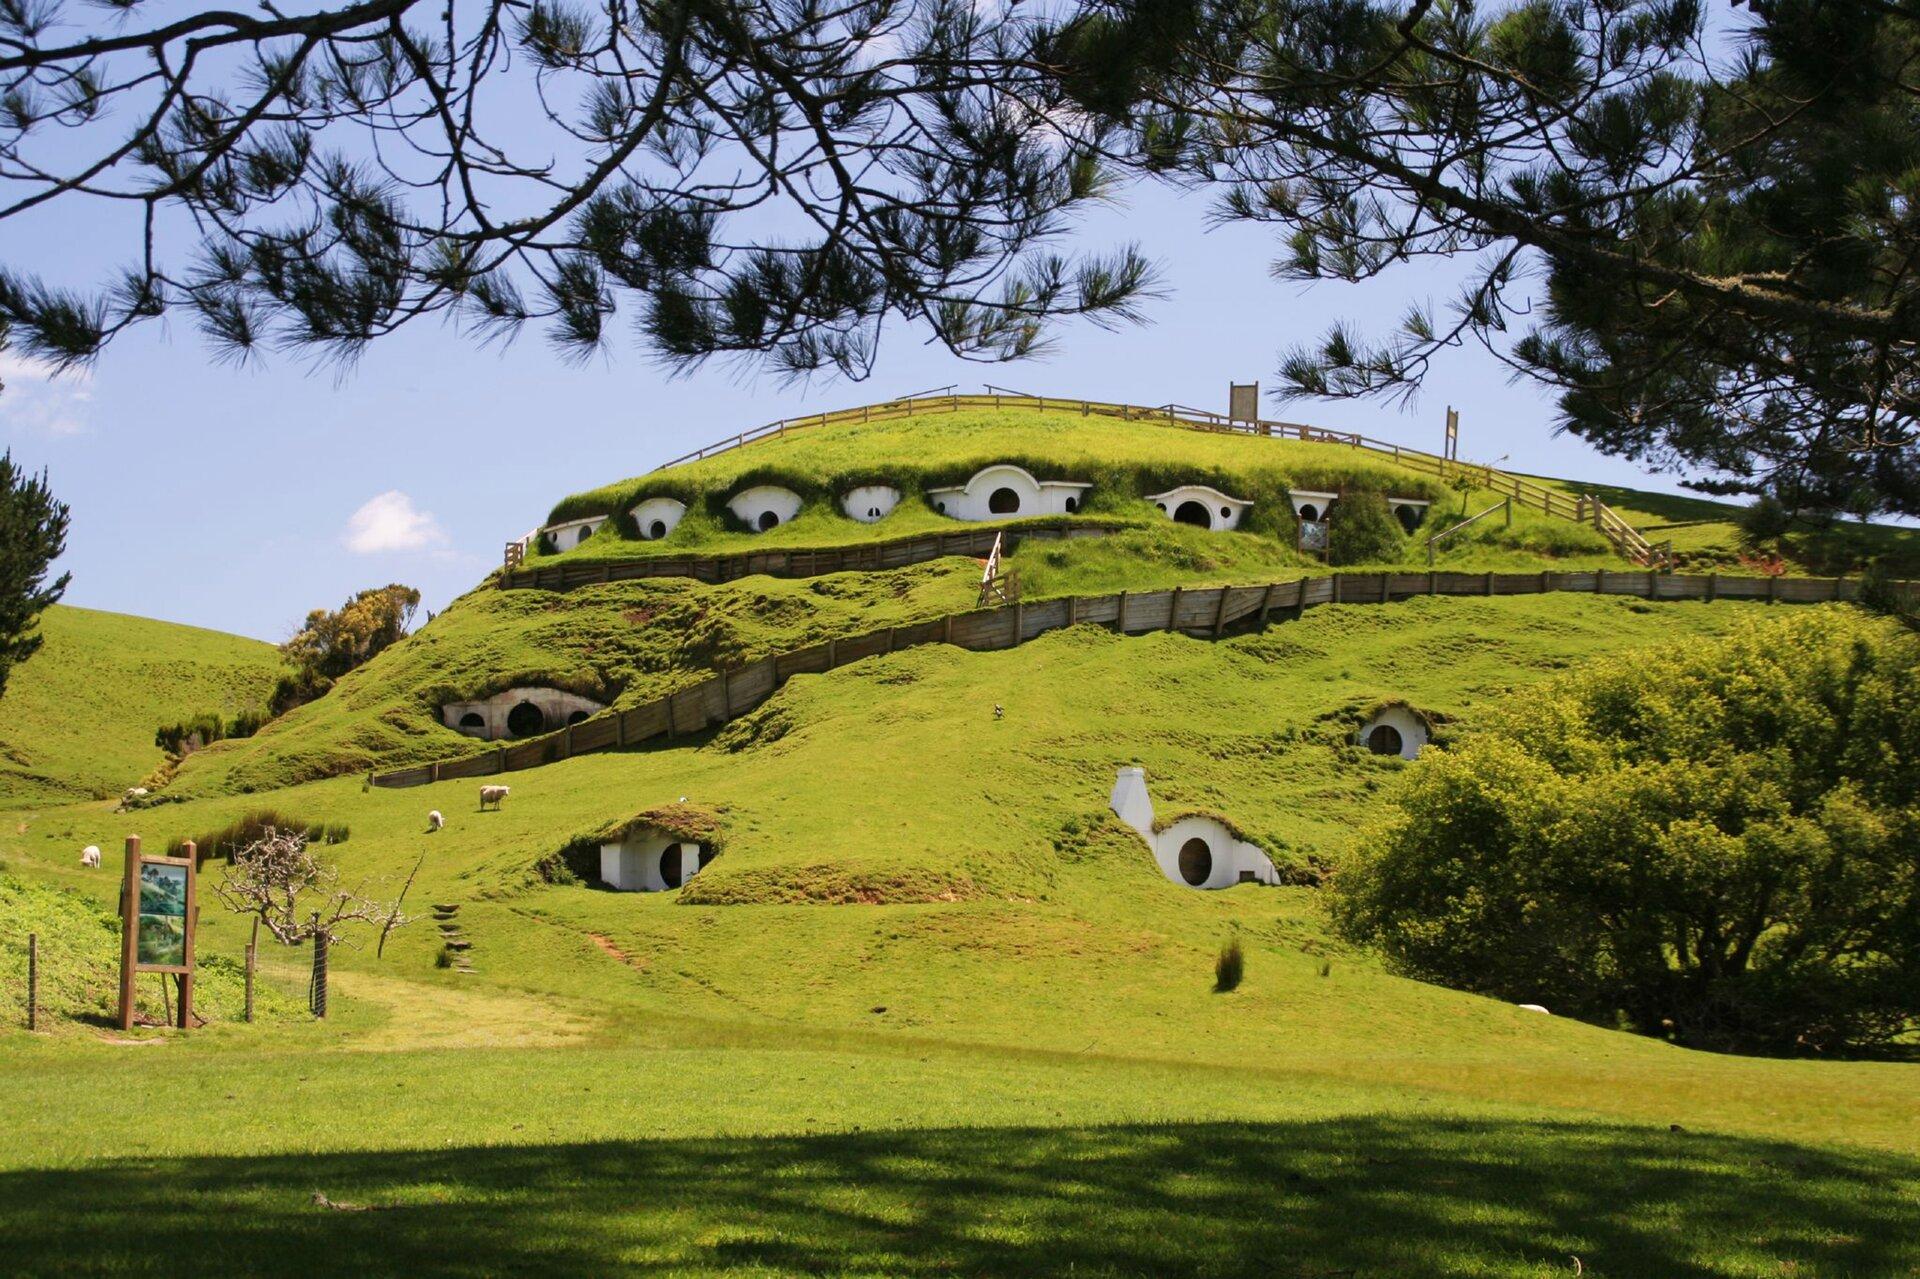 """Plan zdjęciowy filmu""""Władca Pierścieni""""wNowej Zelandii Plan zdjęciowy filmu""""Władca Pierścieni""""wNowej Zelandii Źródło: Rob Chandler, licencja: CC BY-SA 2.0."""